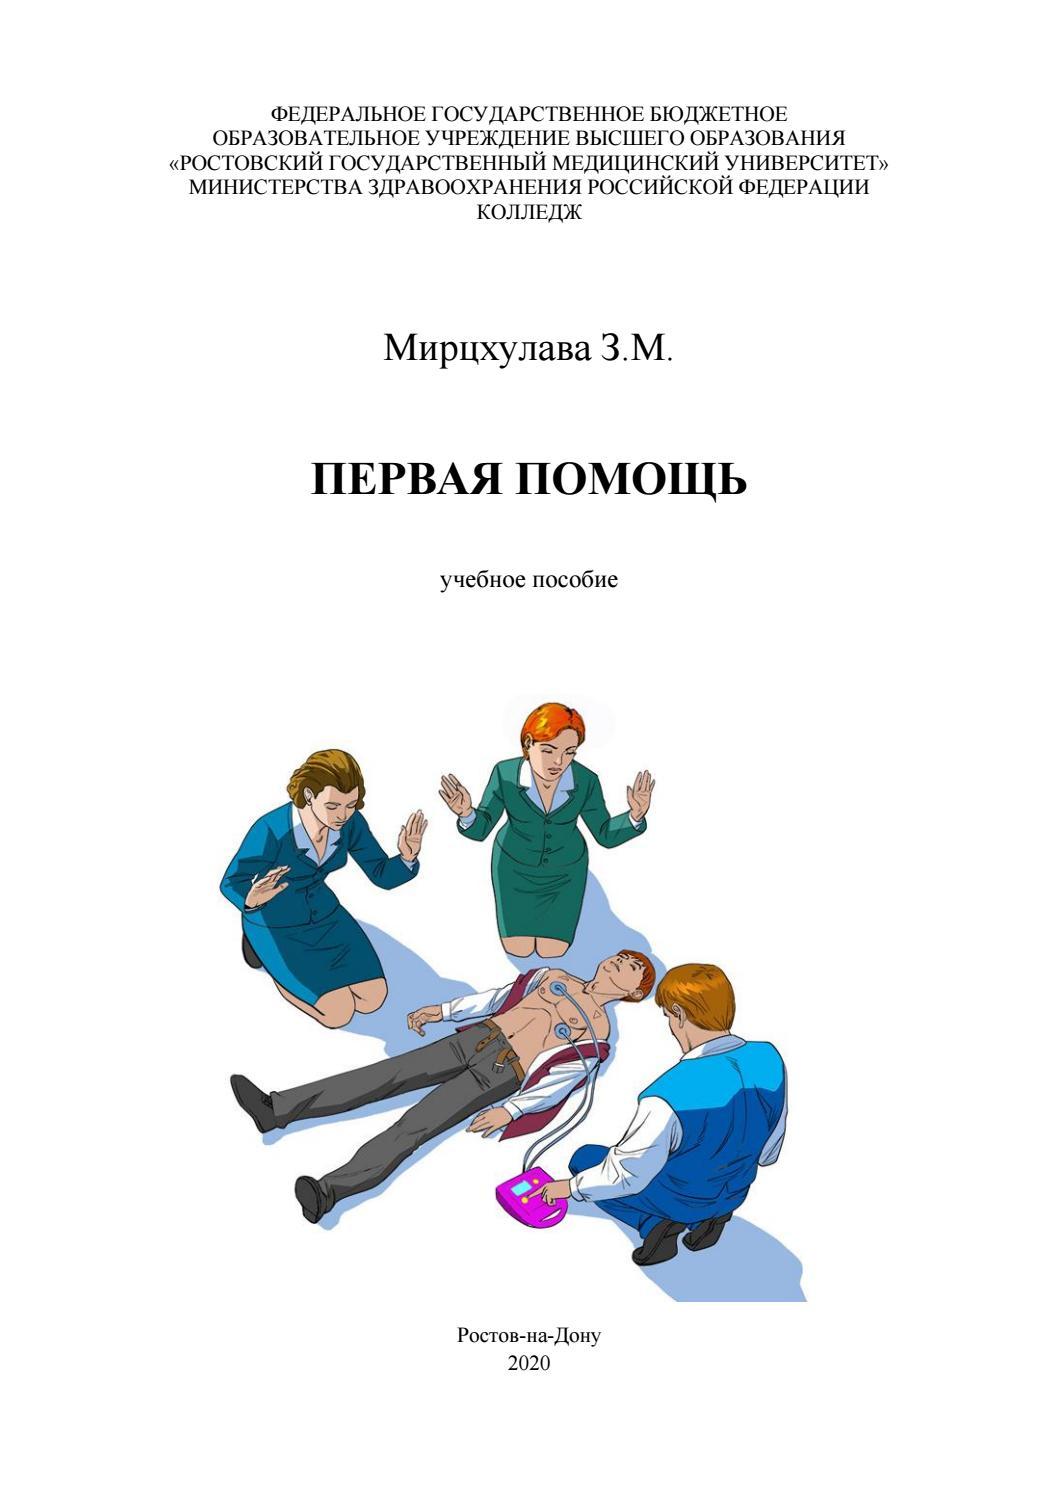 Первая помощь. Учебное пособие, 2020, Мирцхулава З.М.